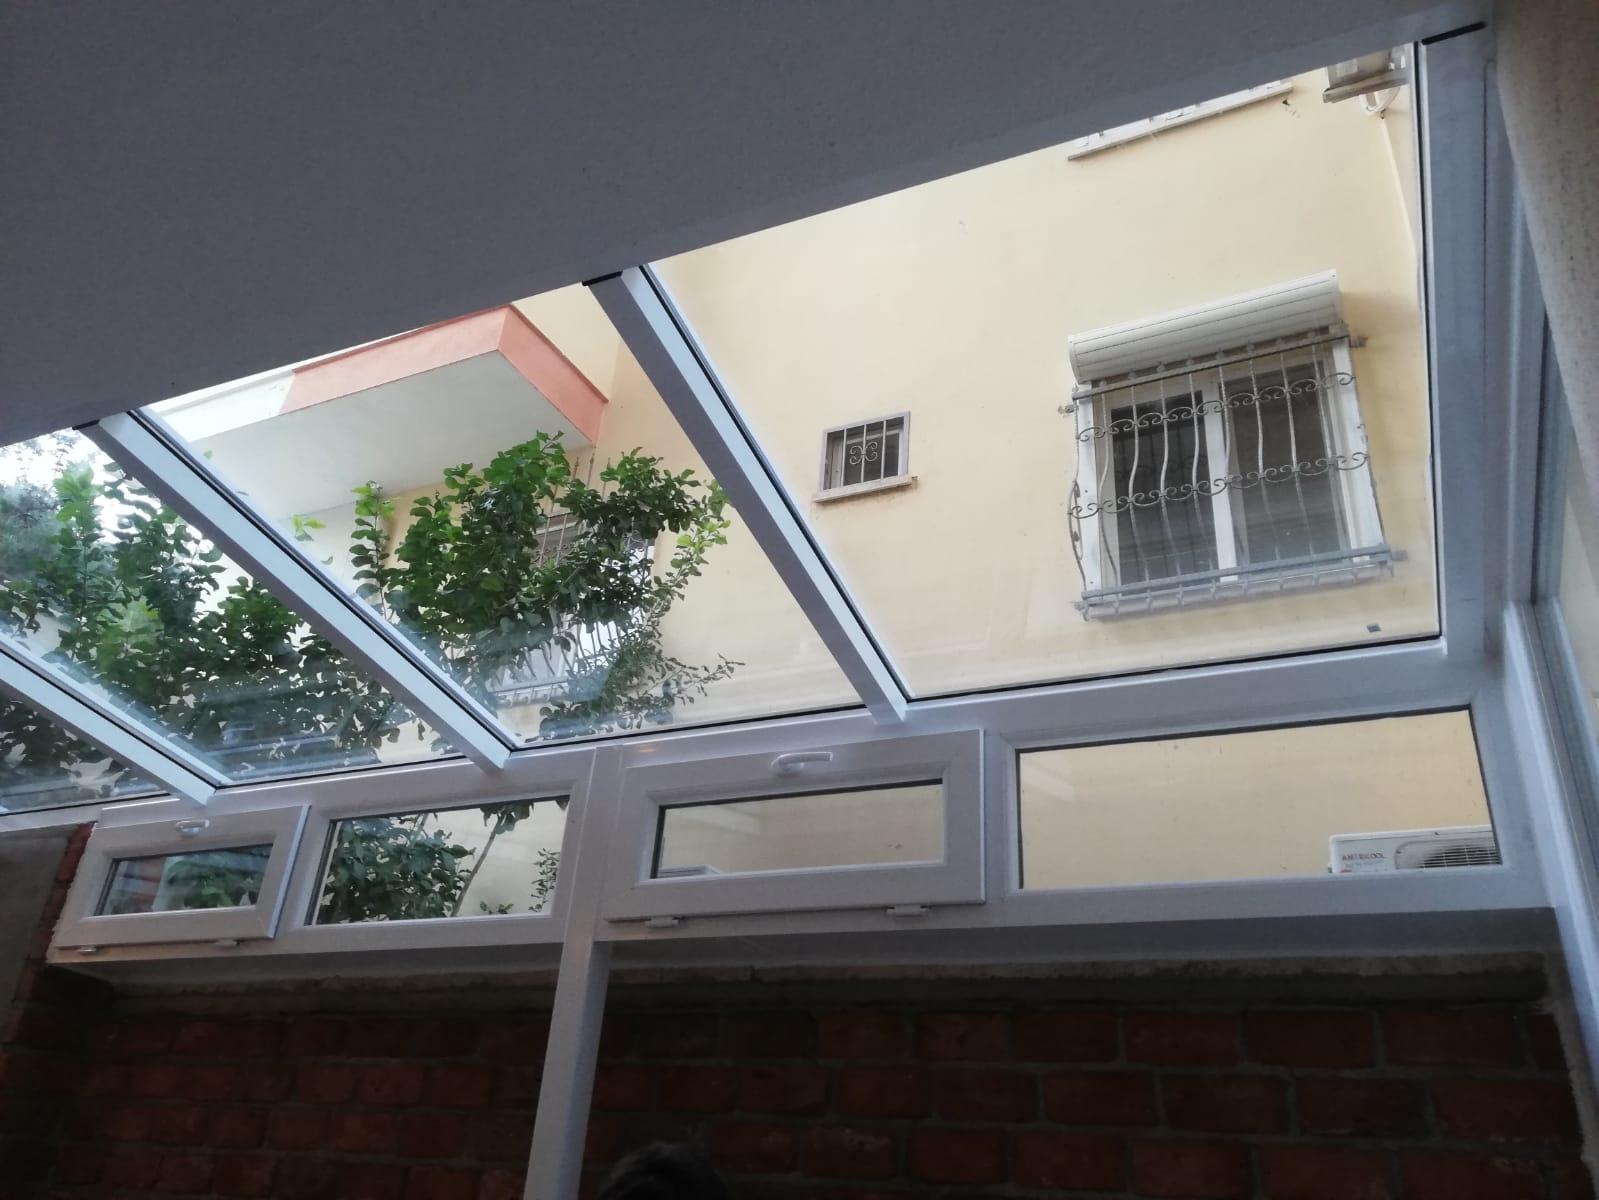 cam tavan çeşitleri İzmir